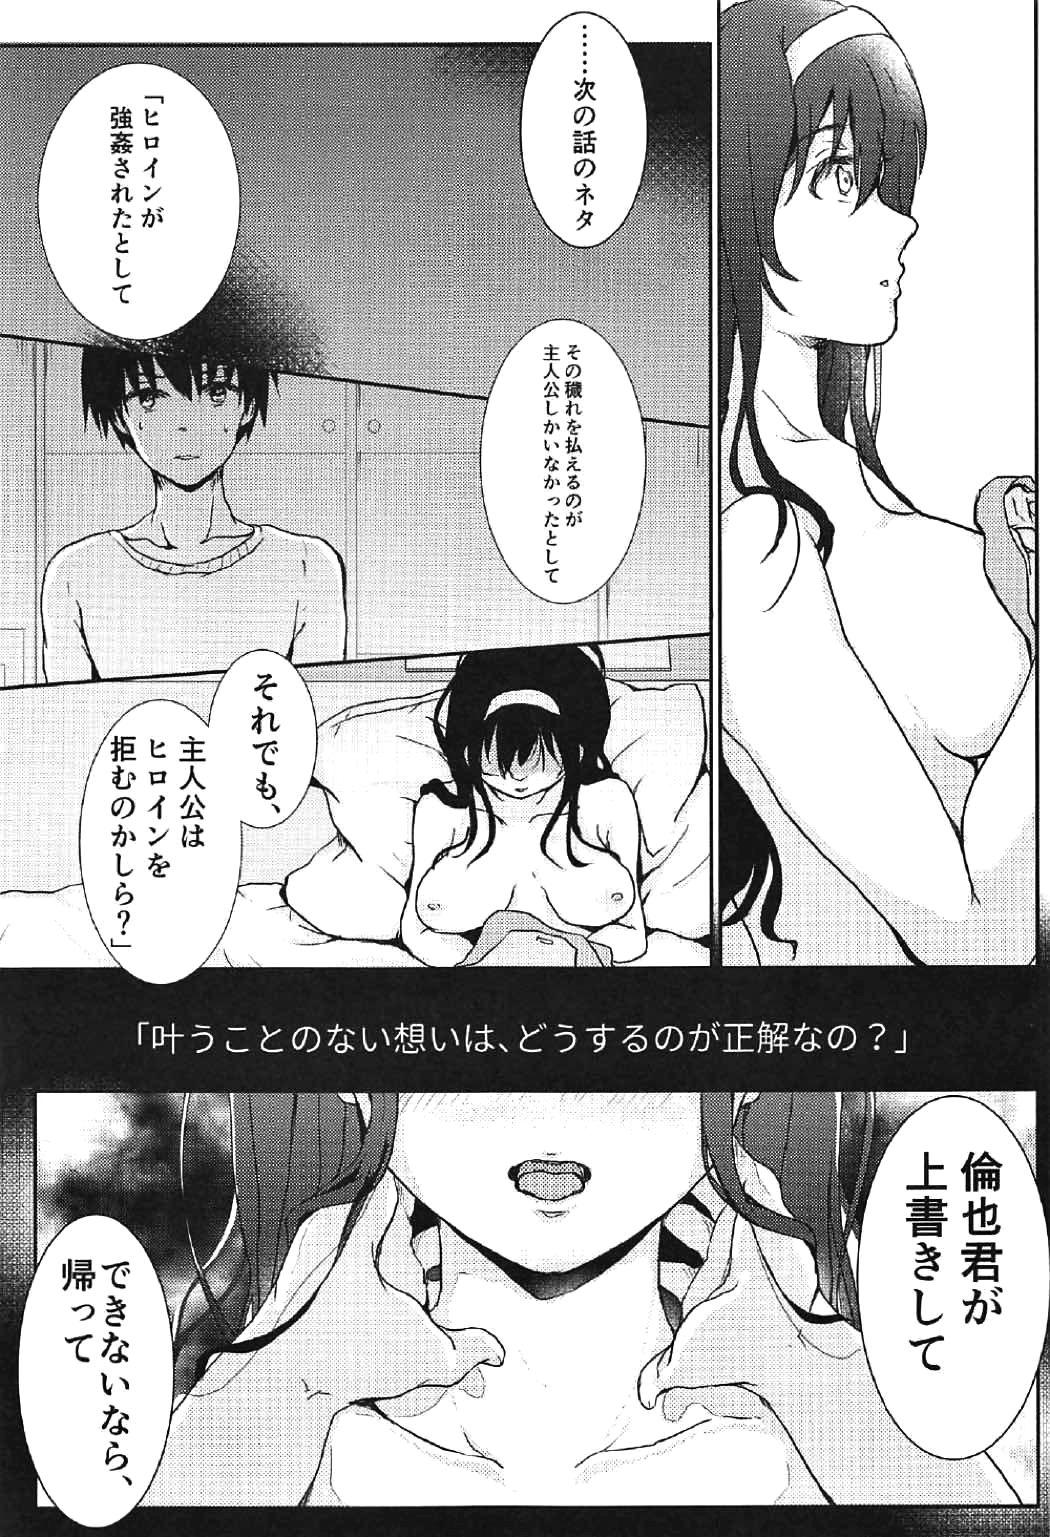 i-suru Ruby no Kojireta Furikata 19